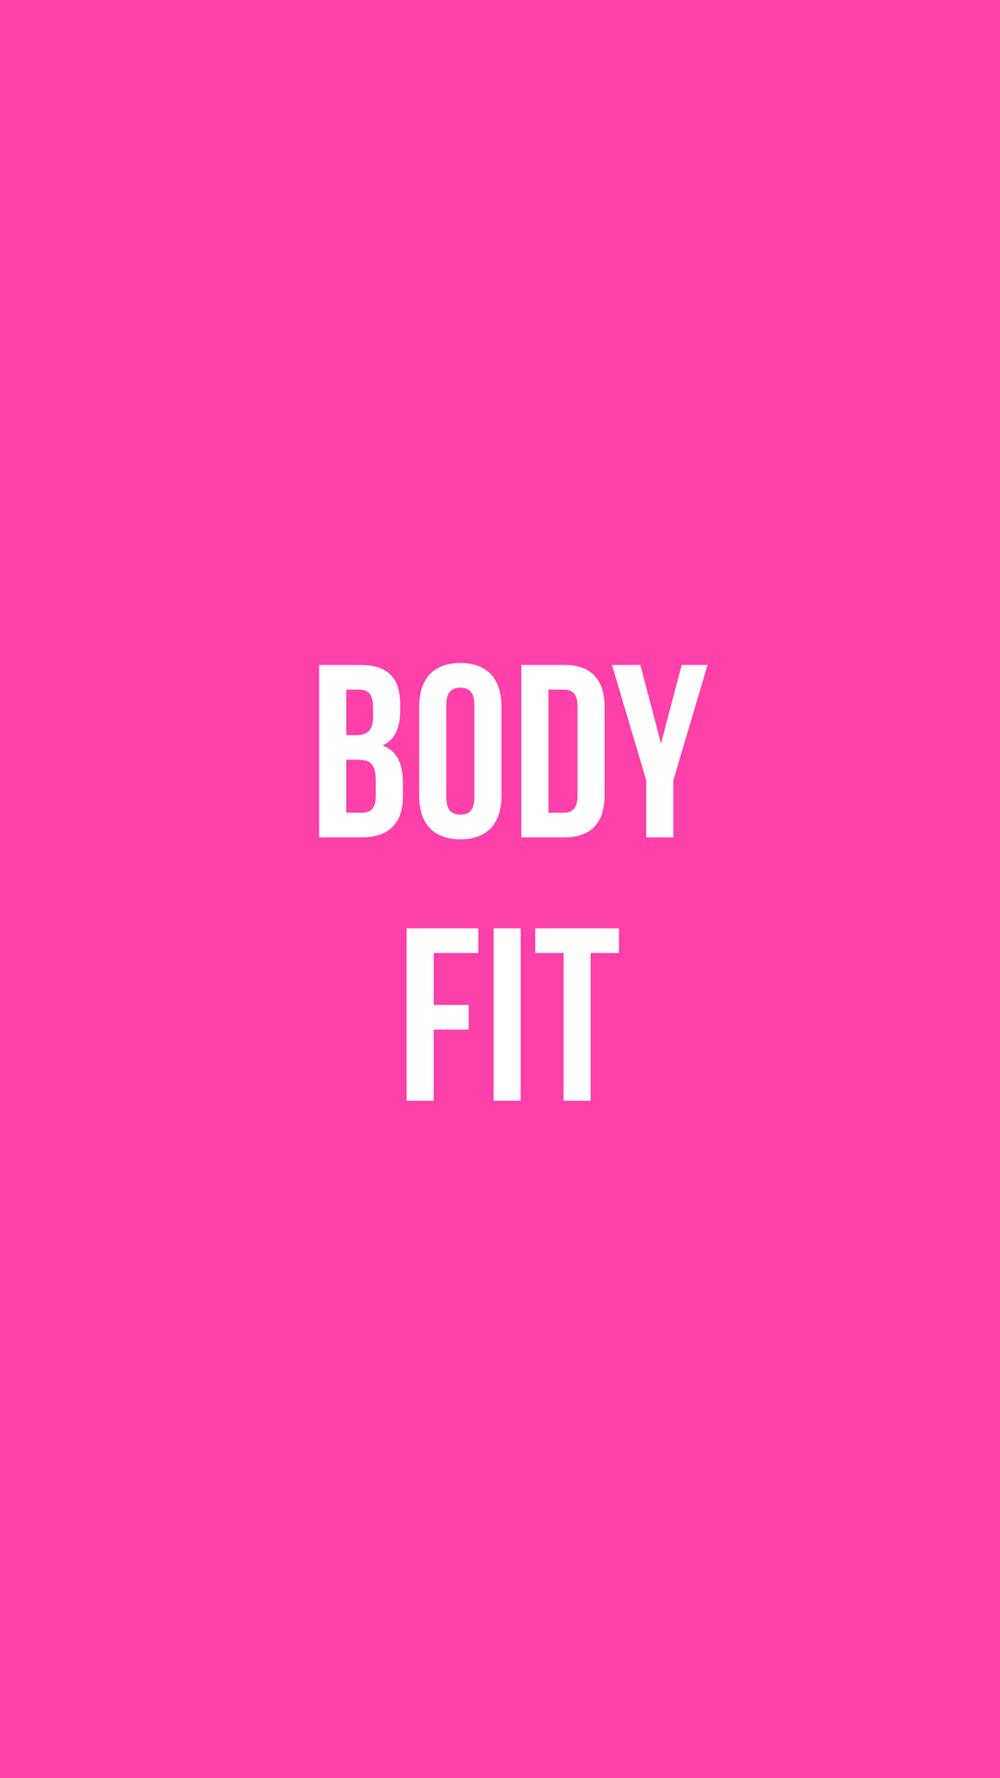 Body Fit Minc Fitness